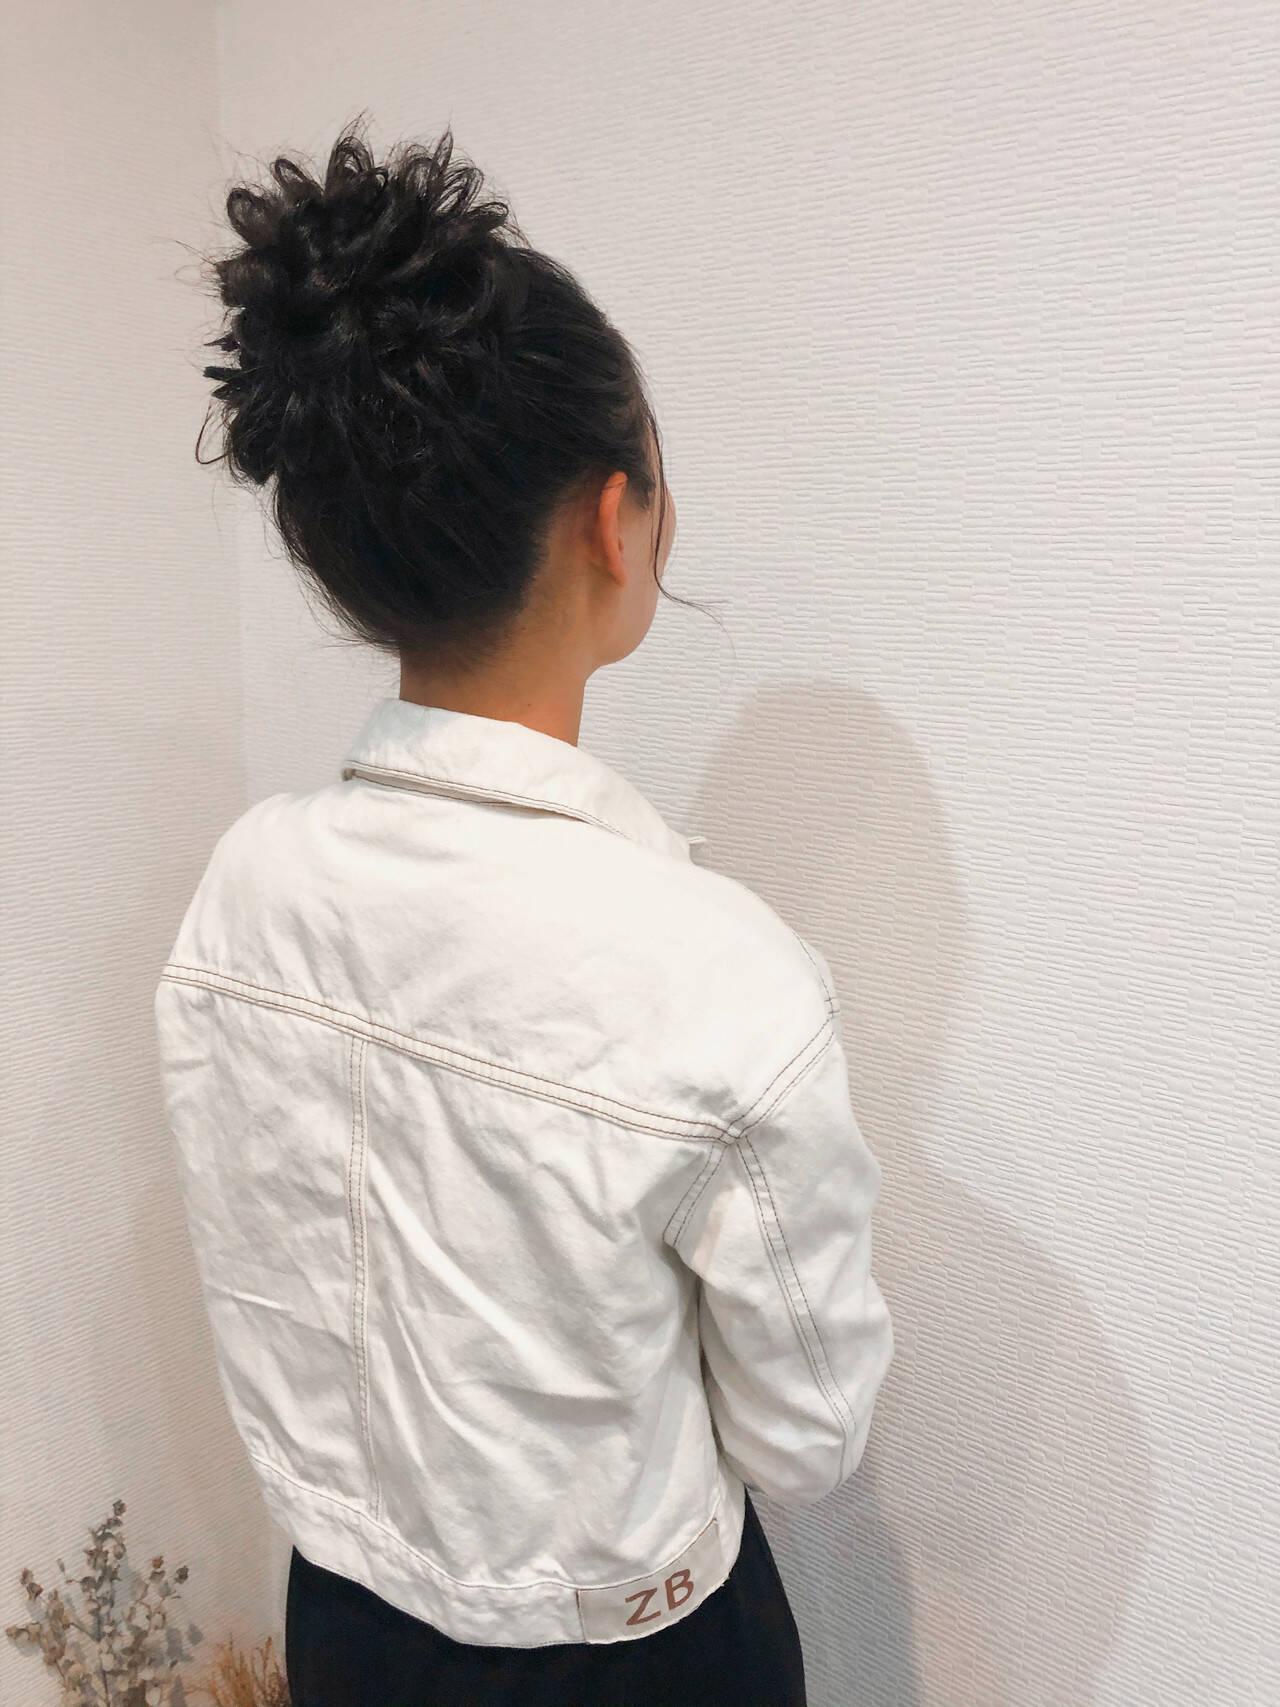 フェミニン お団子 ヘアセット アップスタイルヘアスタイルや髪型の写真・画像